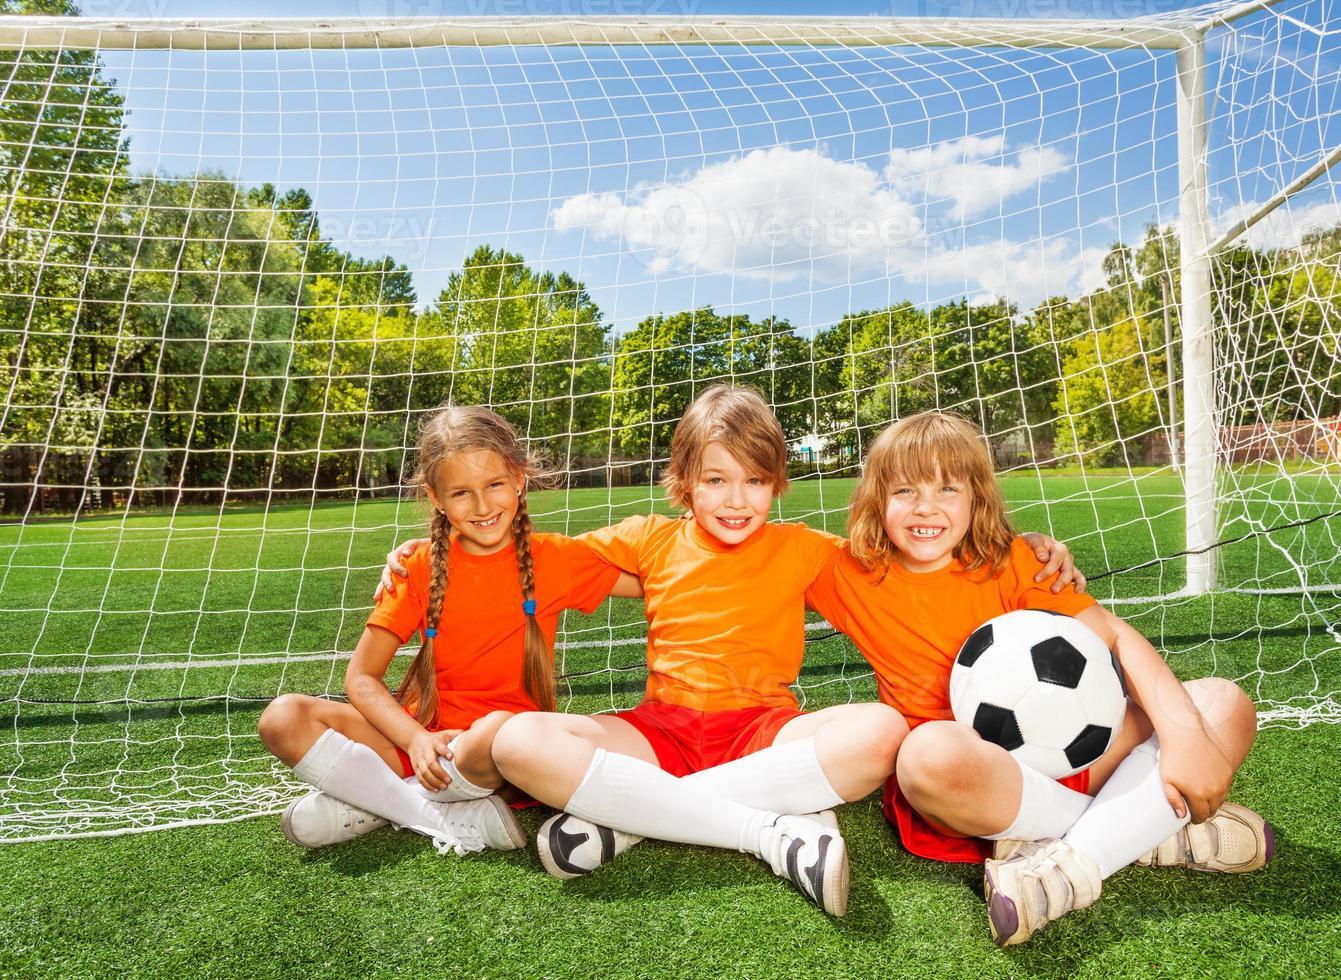 lachende kinderen zitten op gras met voetbal foto